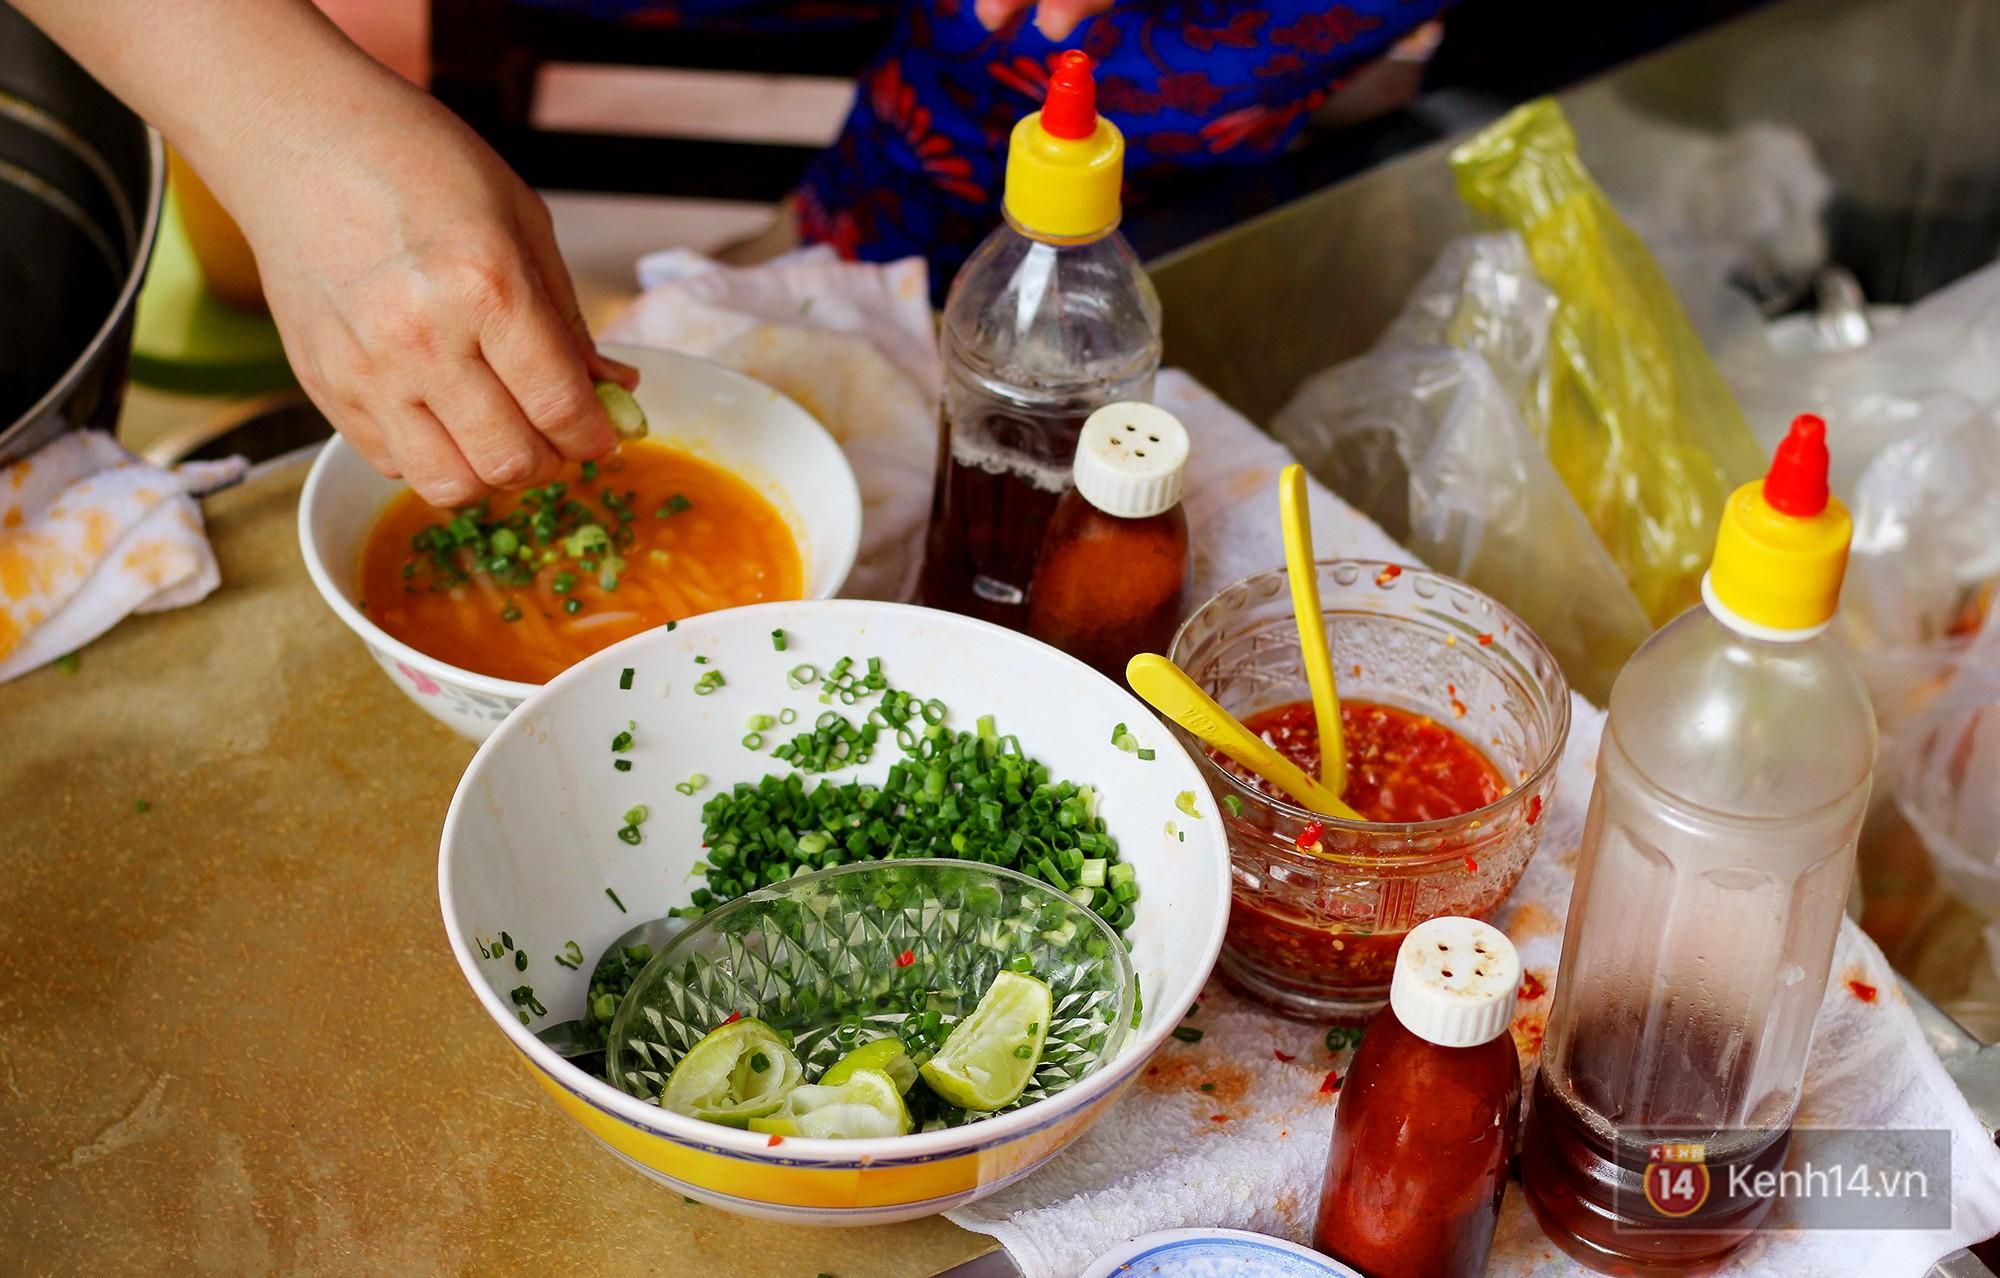 Đây đích thị là hàng bánh canh bán sướng nhất Sài Gòn: mỗi ngày chỉ cần bán 1 tiếng là hết sạch - Ảnh 5.